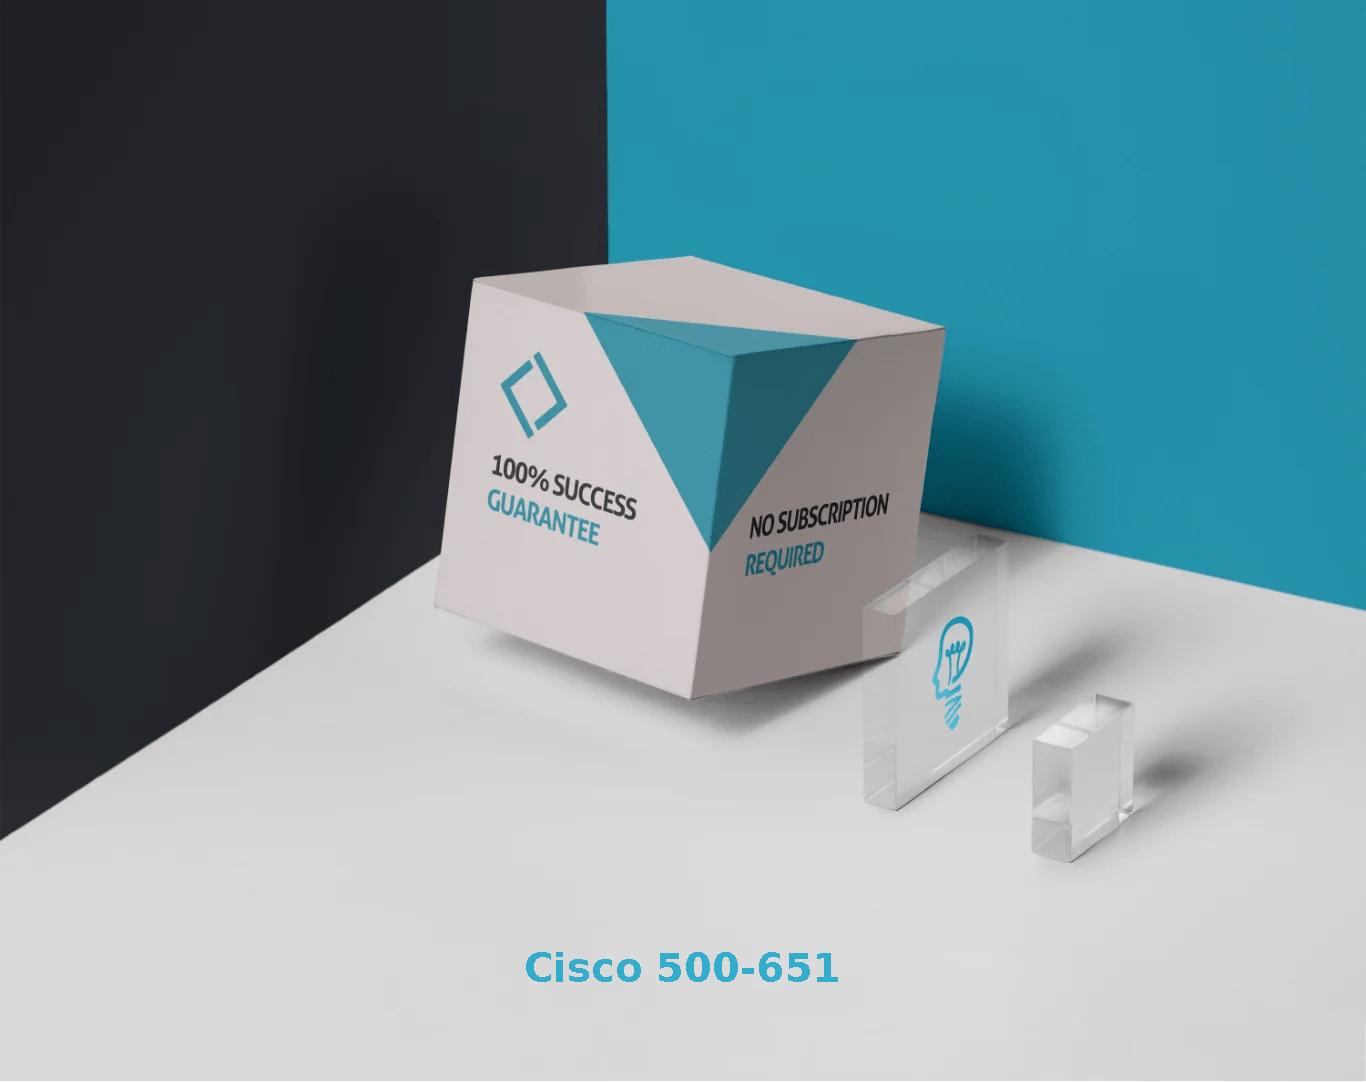 500-651 Dumps